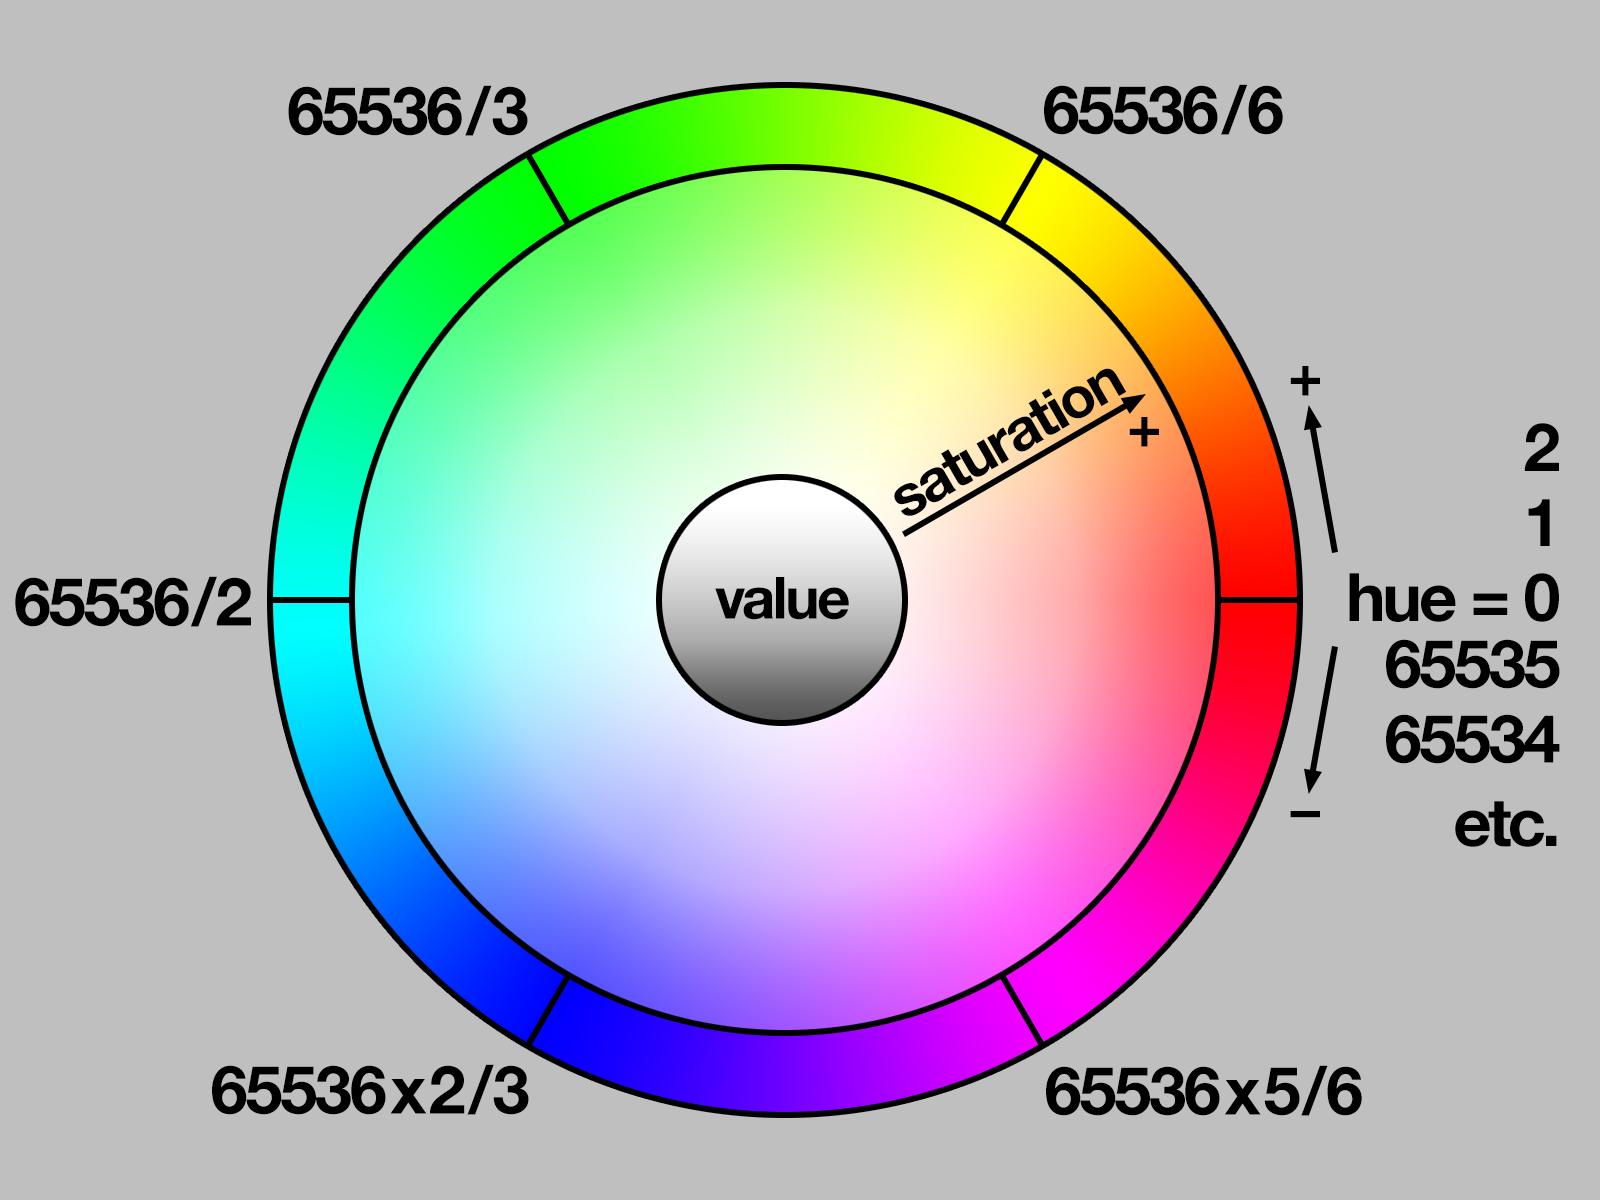 led_strips_hsv-diagram.png